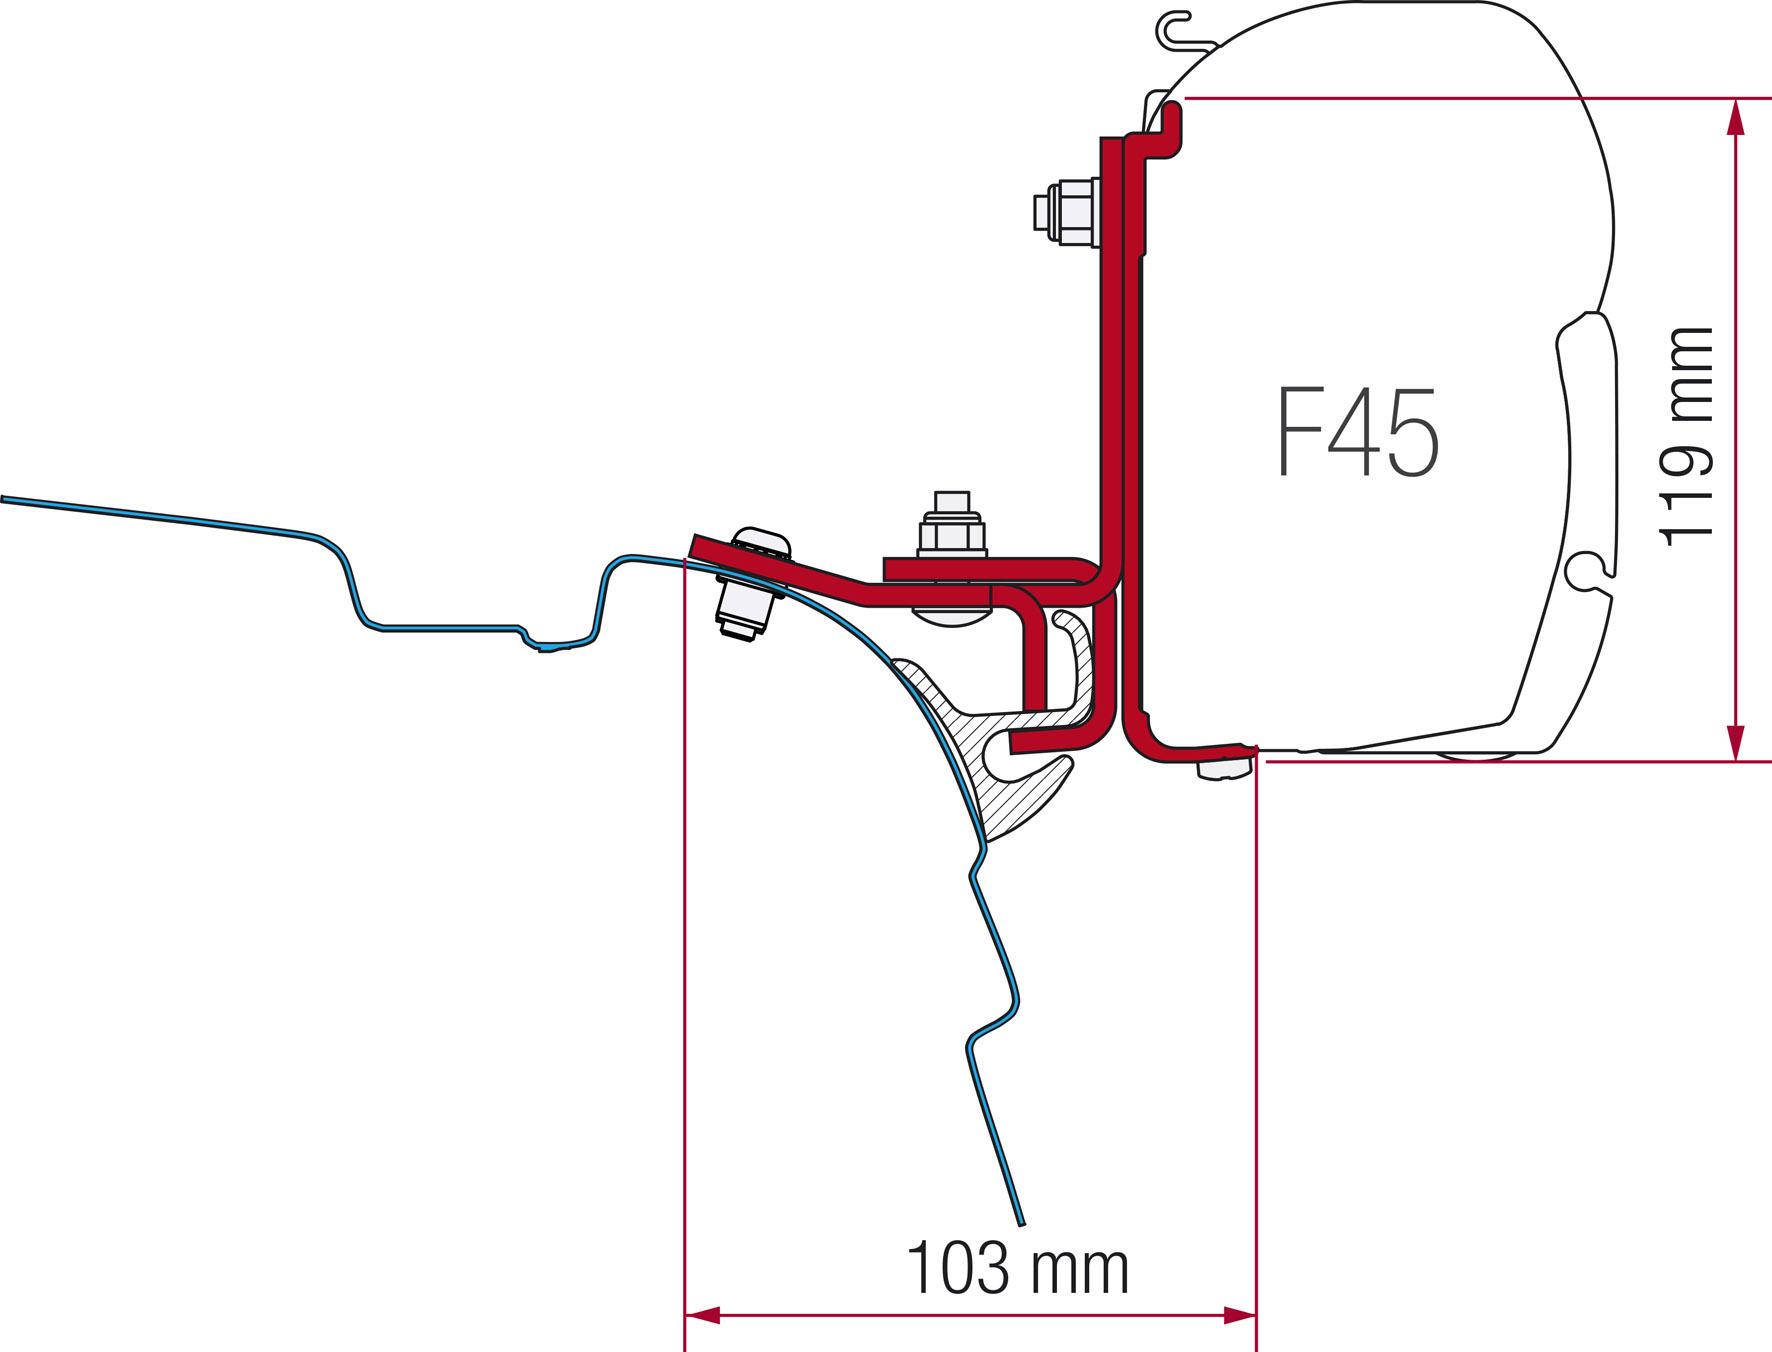 Erfreut 4 Draht Bewegungssensor Fotos - Schaltplan Serie Circuit ...